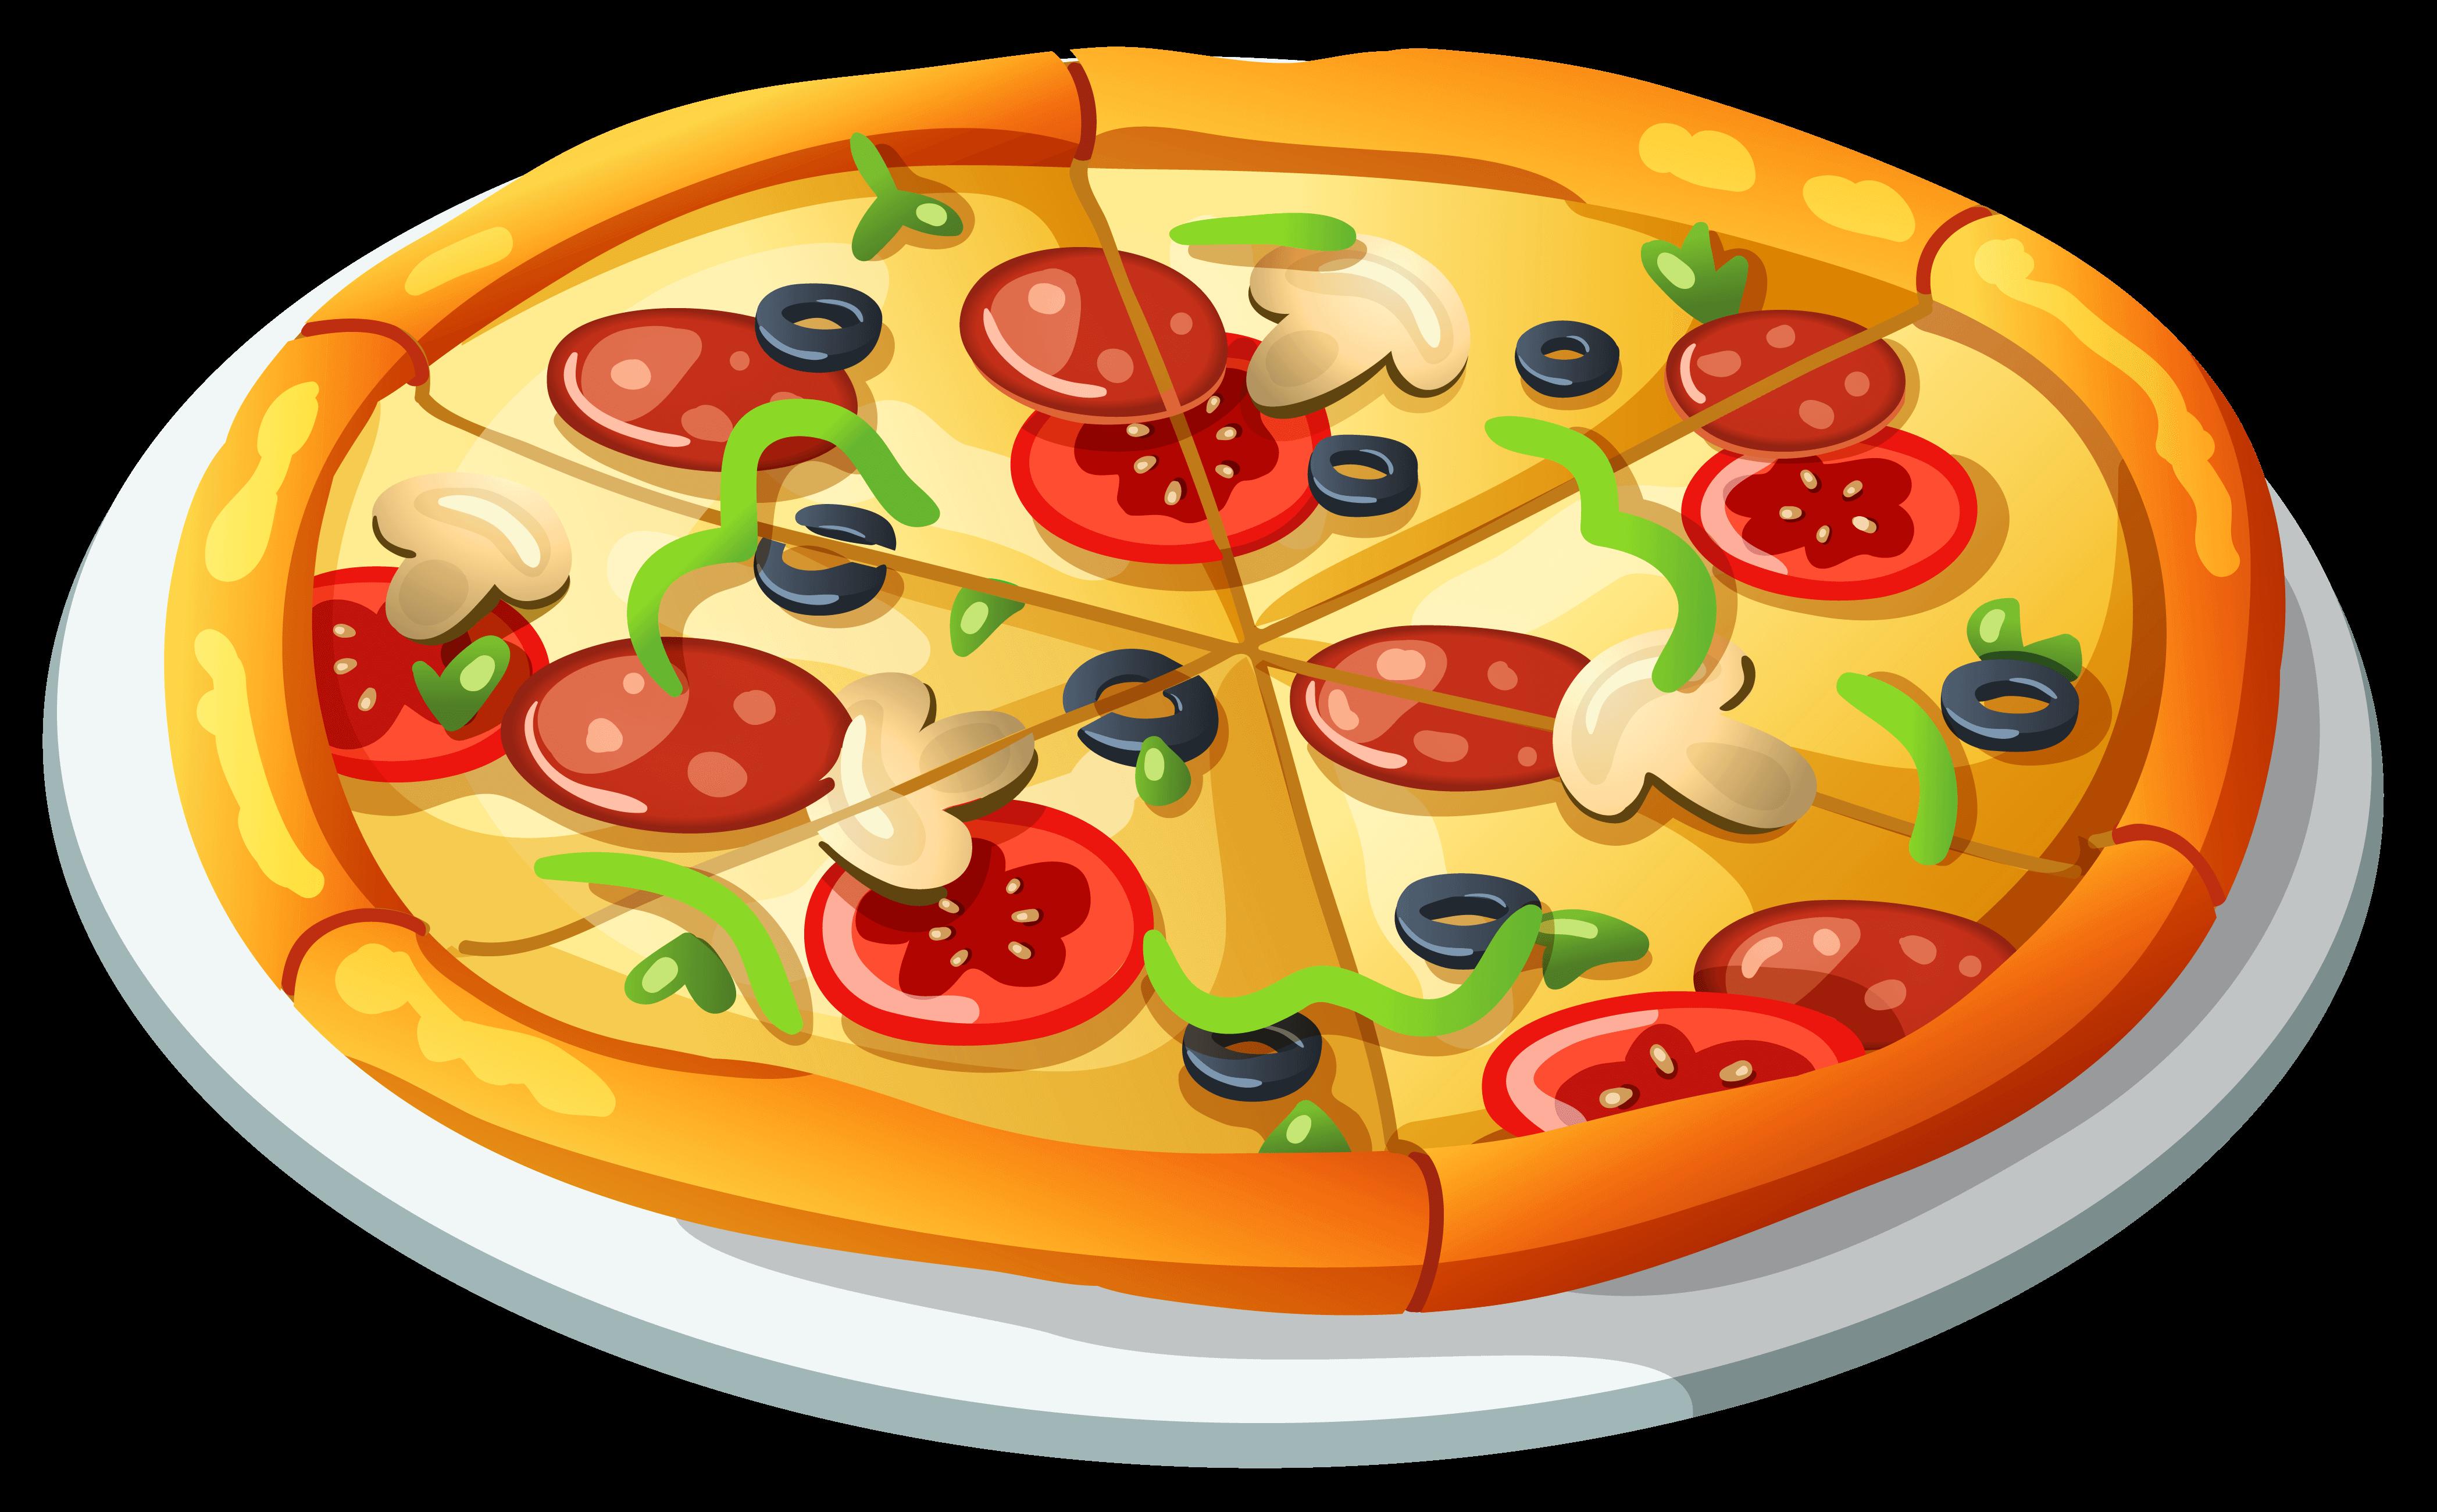 pizza vetor